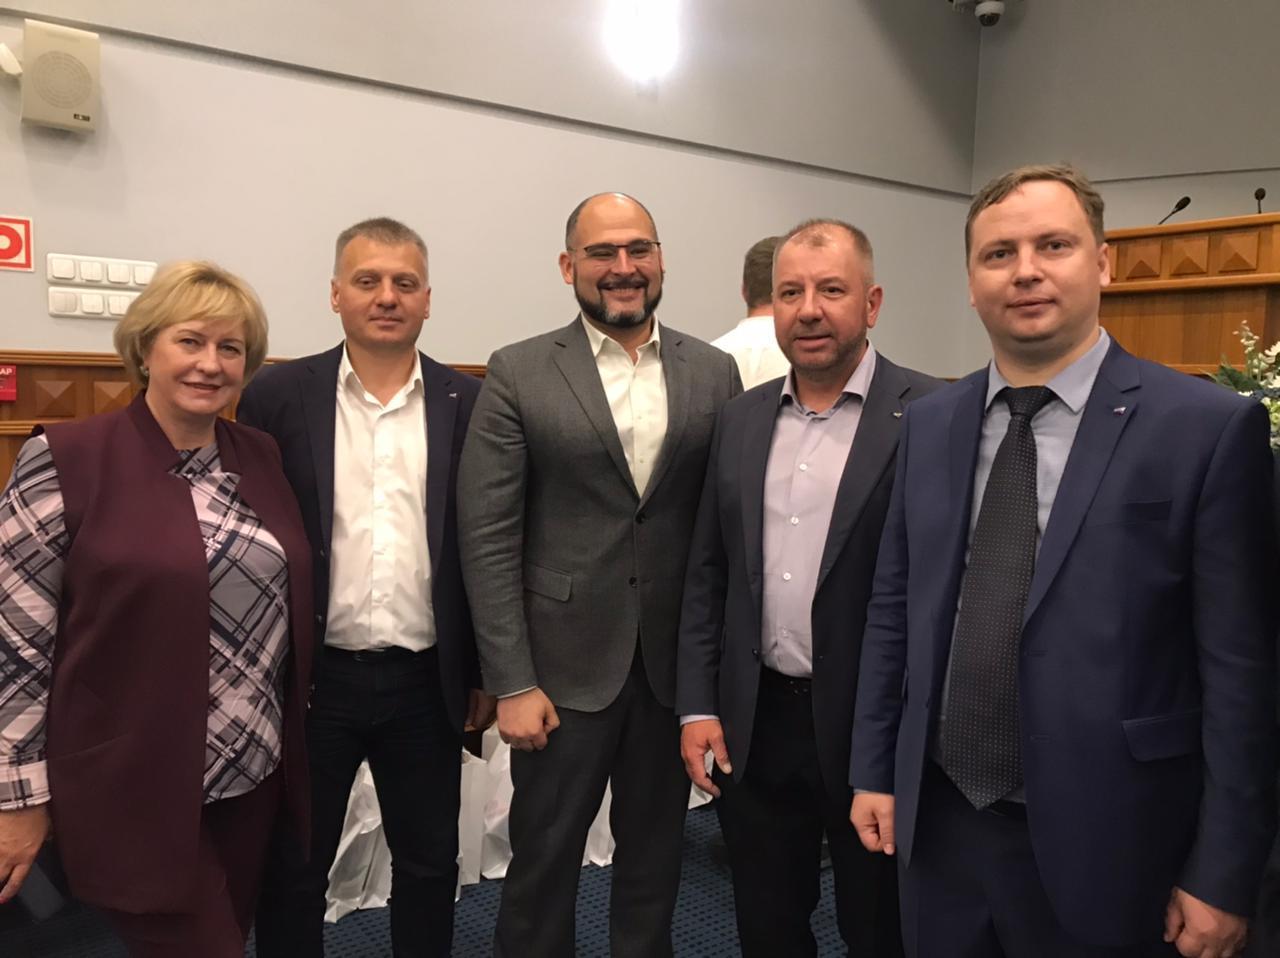 26 мая 2021 года состоялось торжественное собрание посвященное Дню российского предпринимательства.